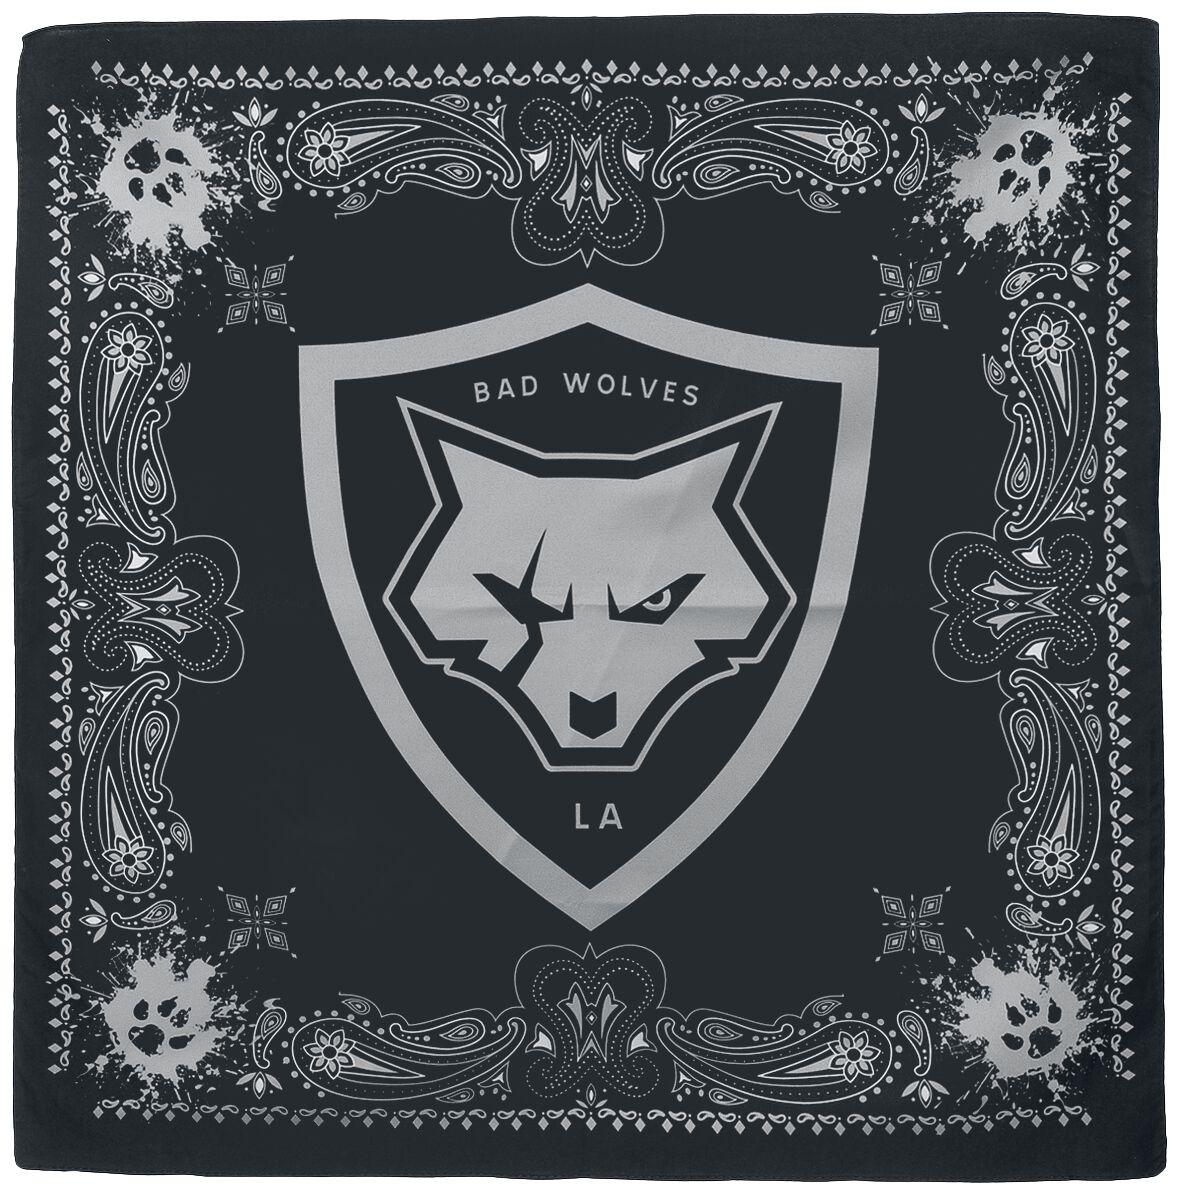 Image of Bad Wolves Shield and paws - Bandana Bandana schwarz